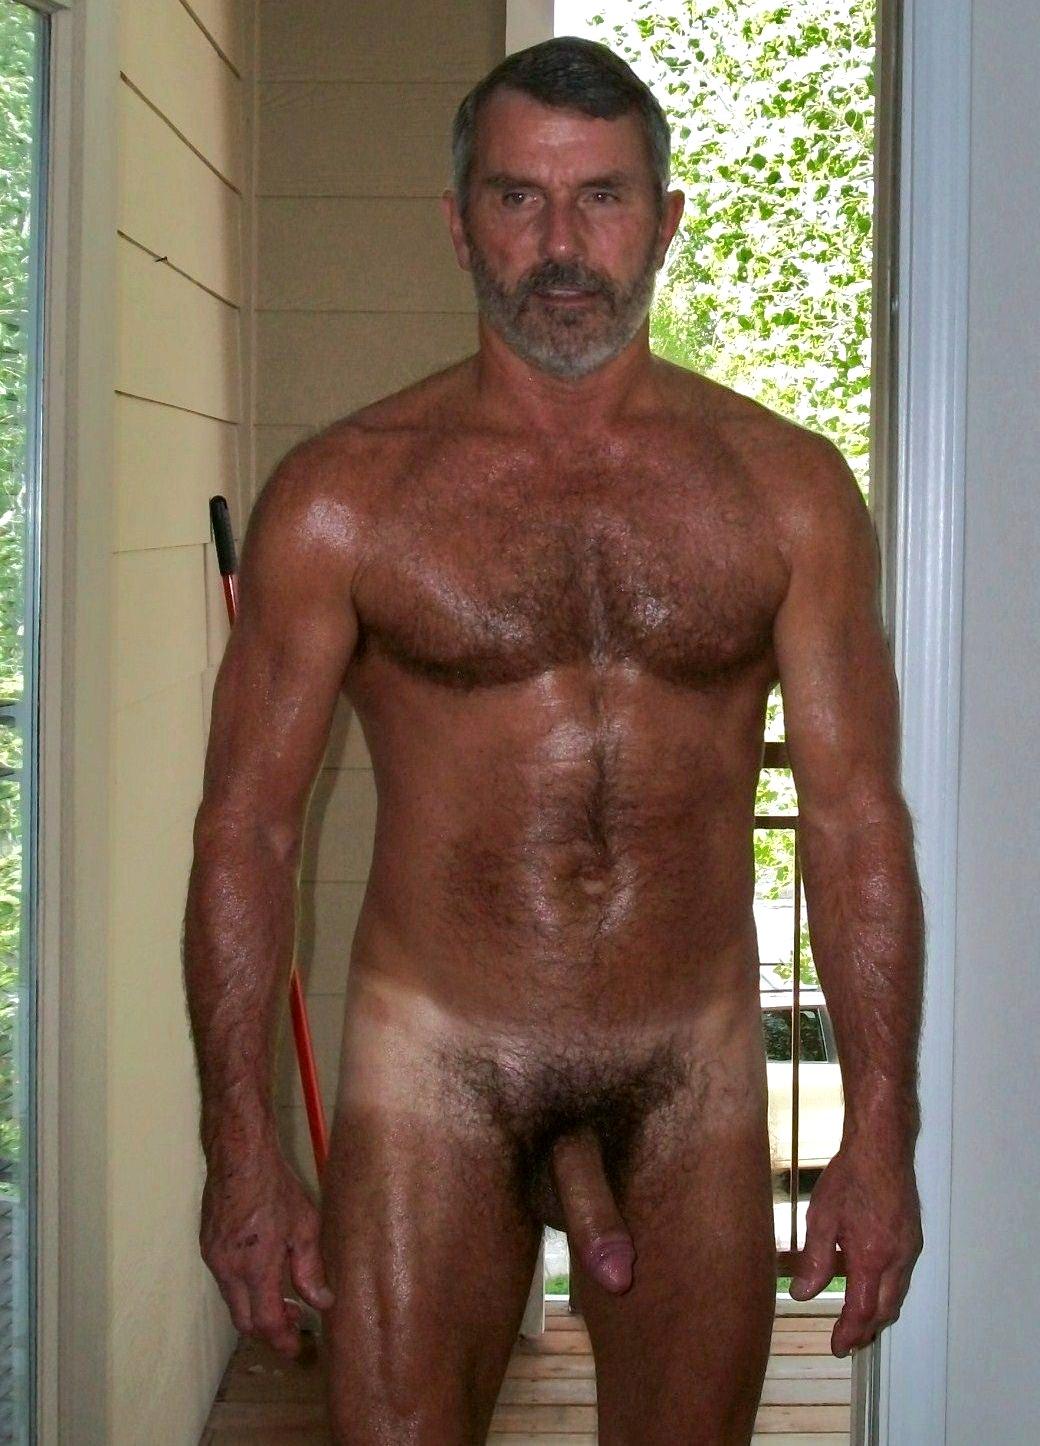 male escort age over 50 jpg 1152x768